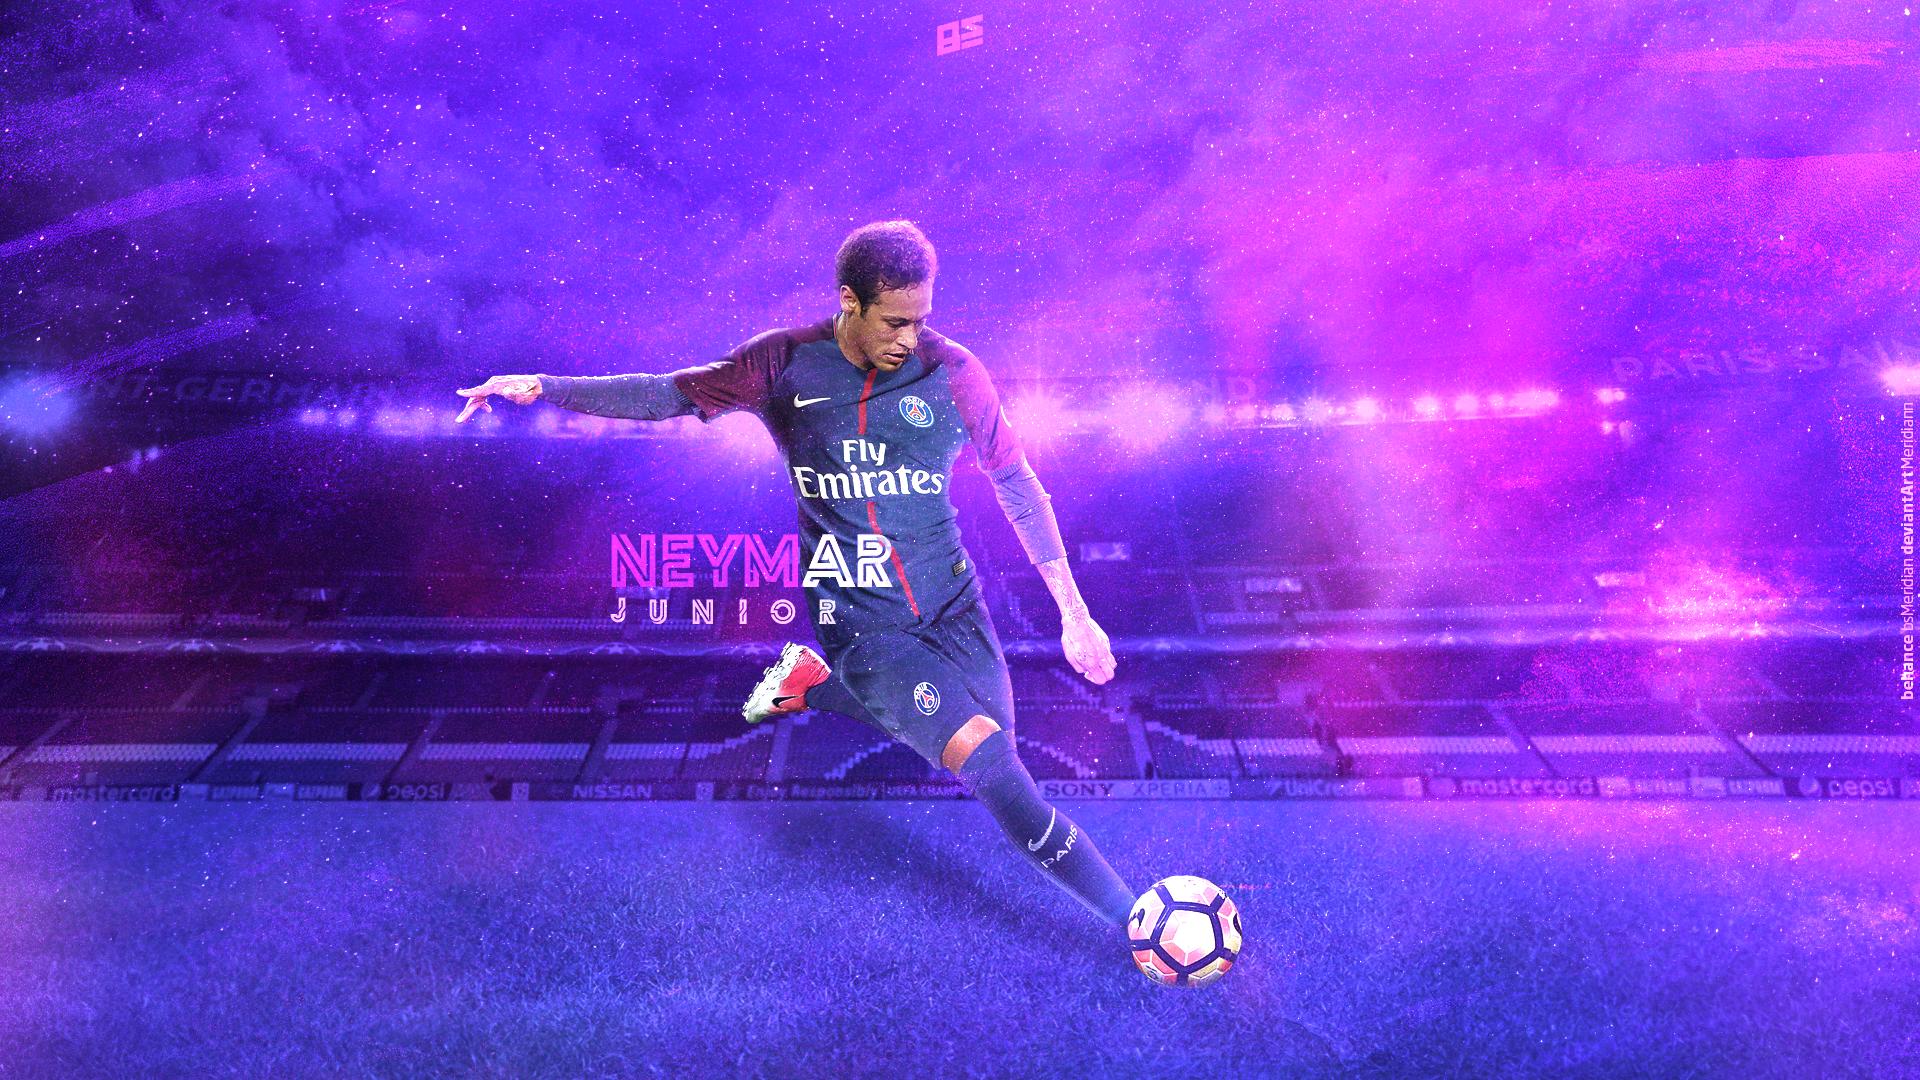 Neymar JR Paris Saint Germain P S G Soccer